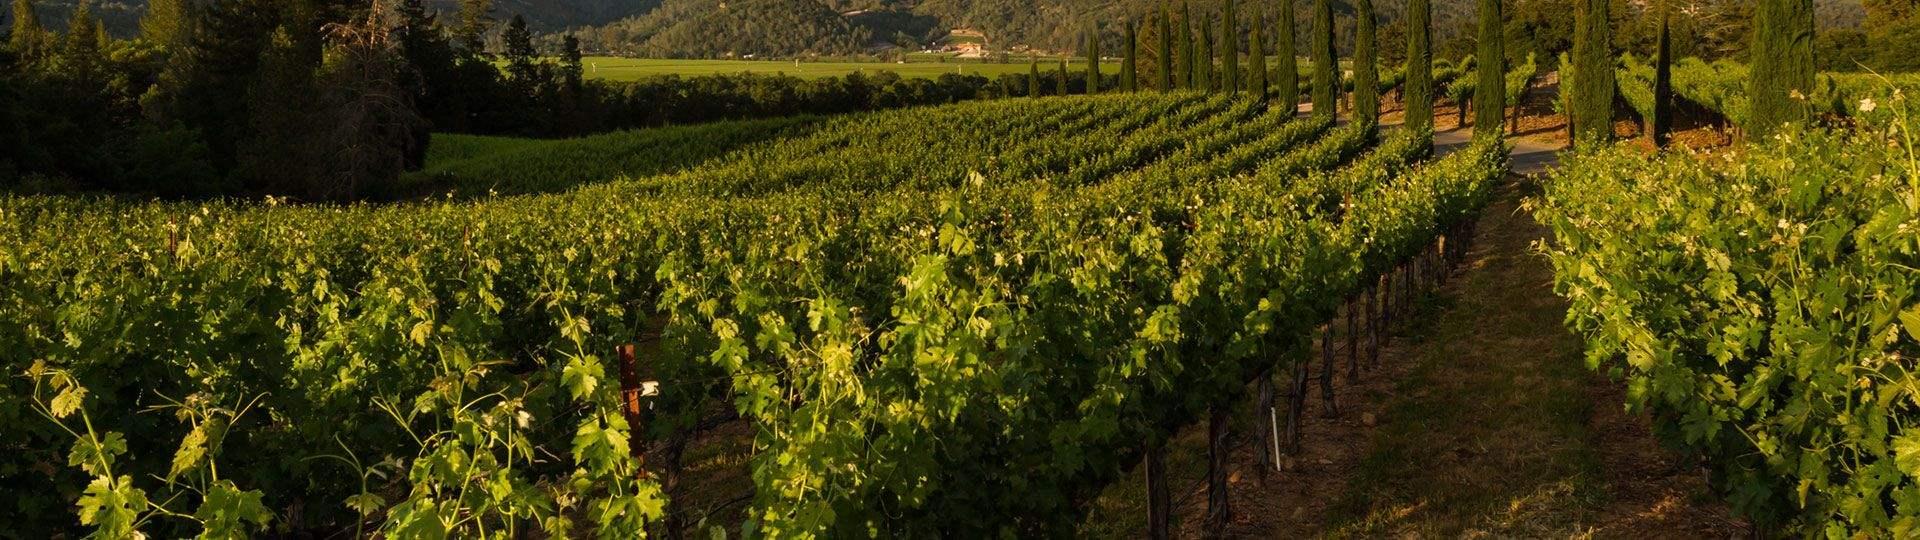 Aurora Park Cottages, Calistoga - Wineries